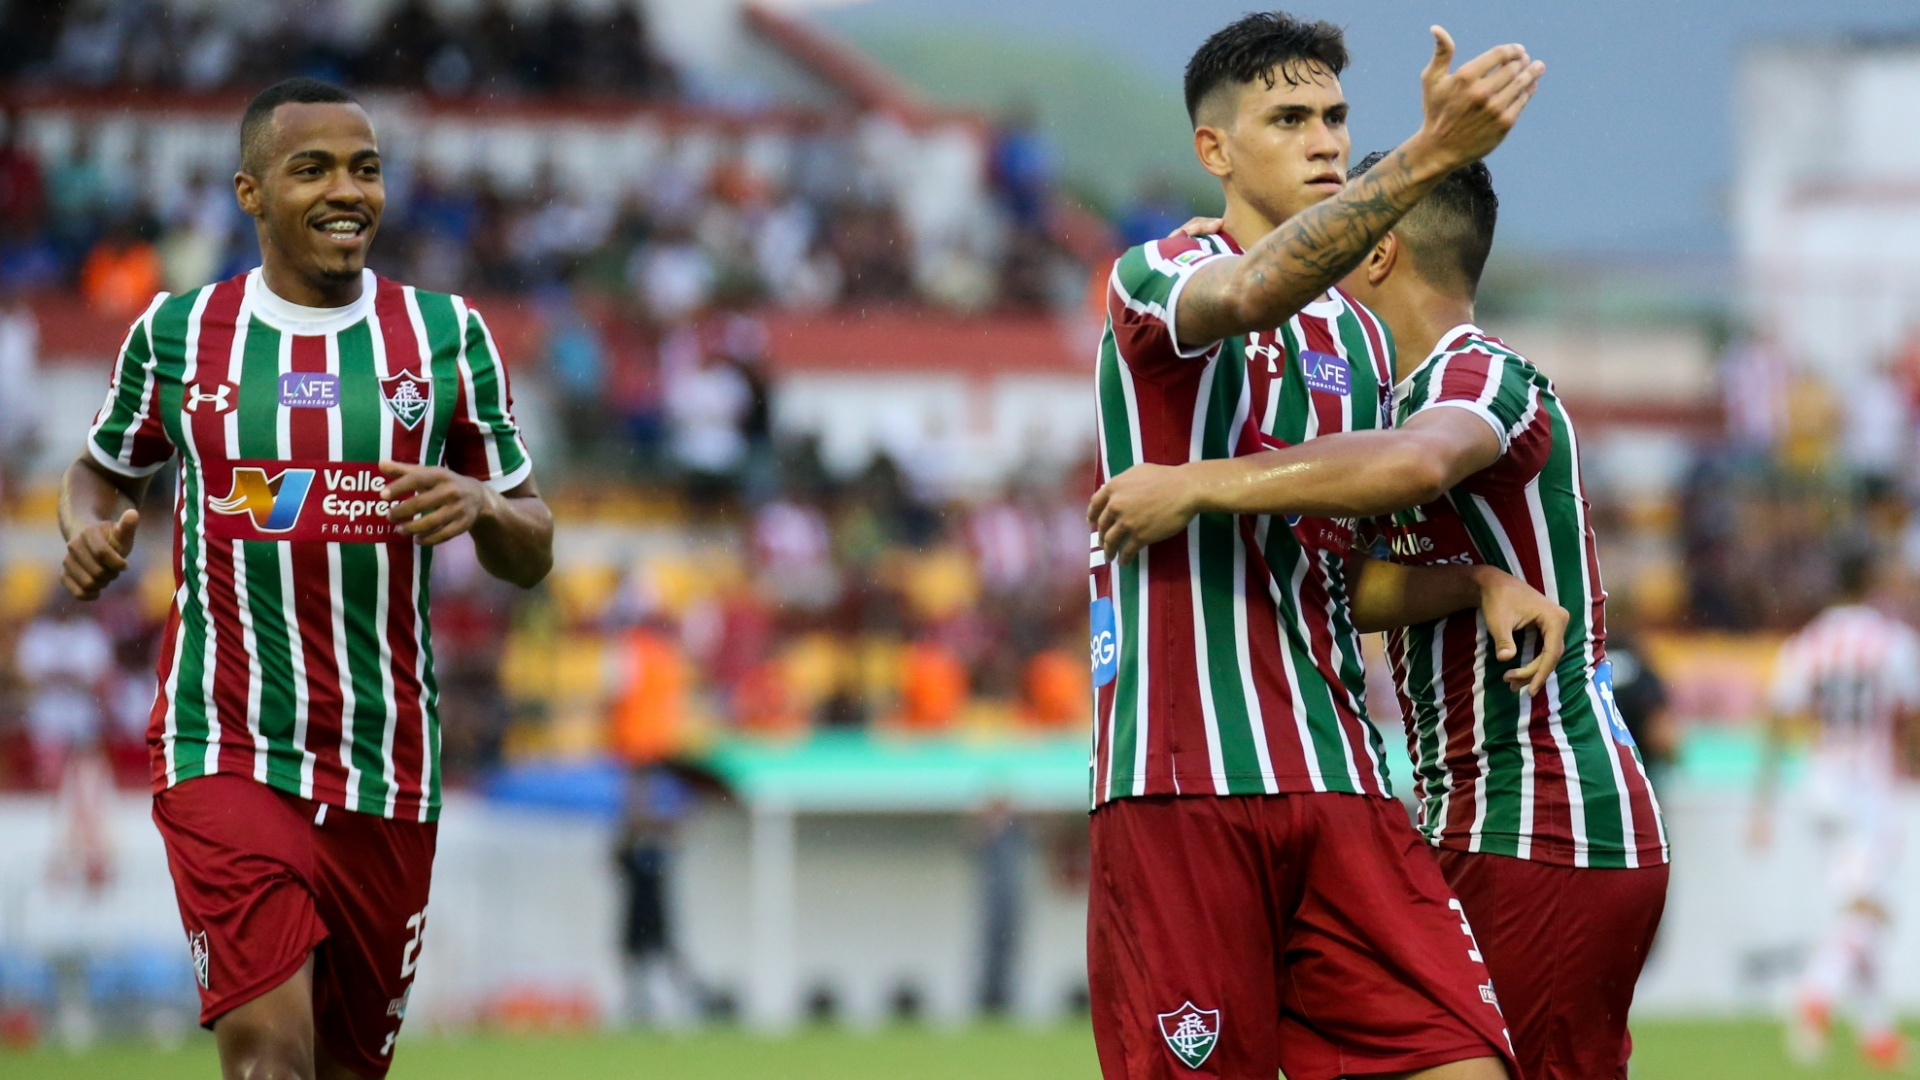 Pedro Santos comemora gol do Fluminense diante do Bangu em jogo pela Taça Rio, segundo turno do Campeonato Carioca, de 2018